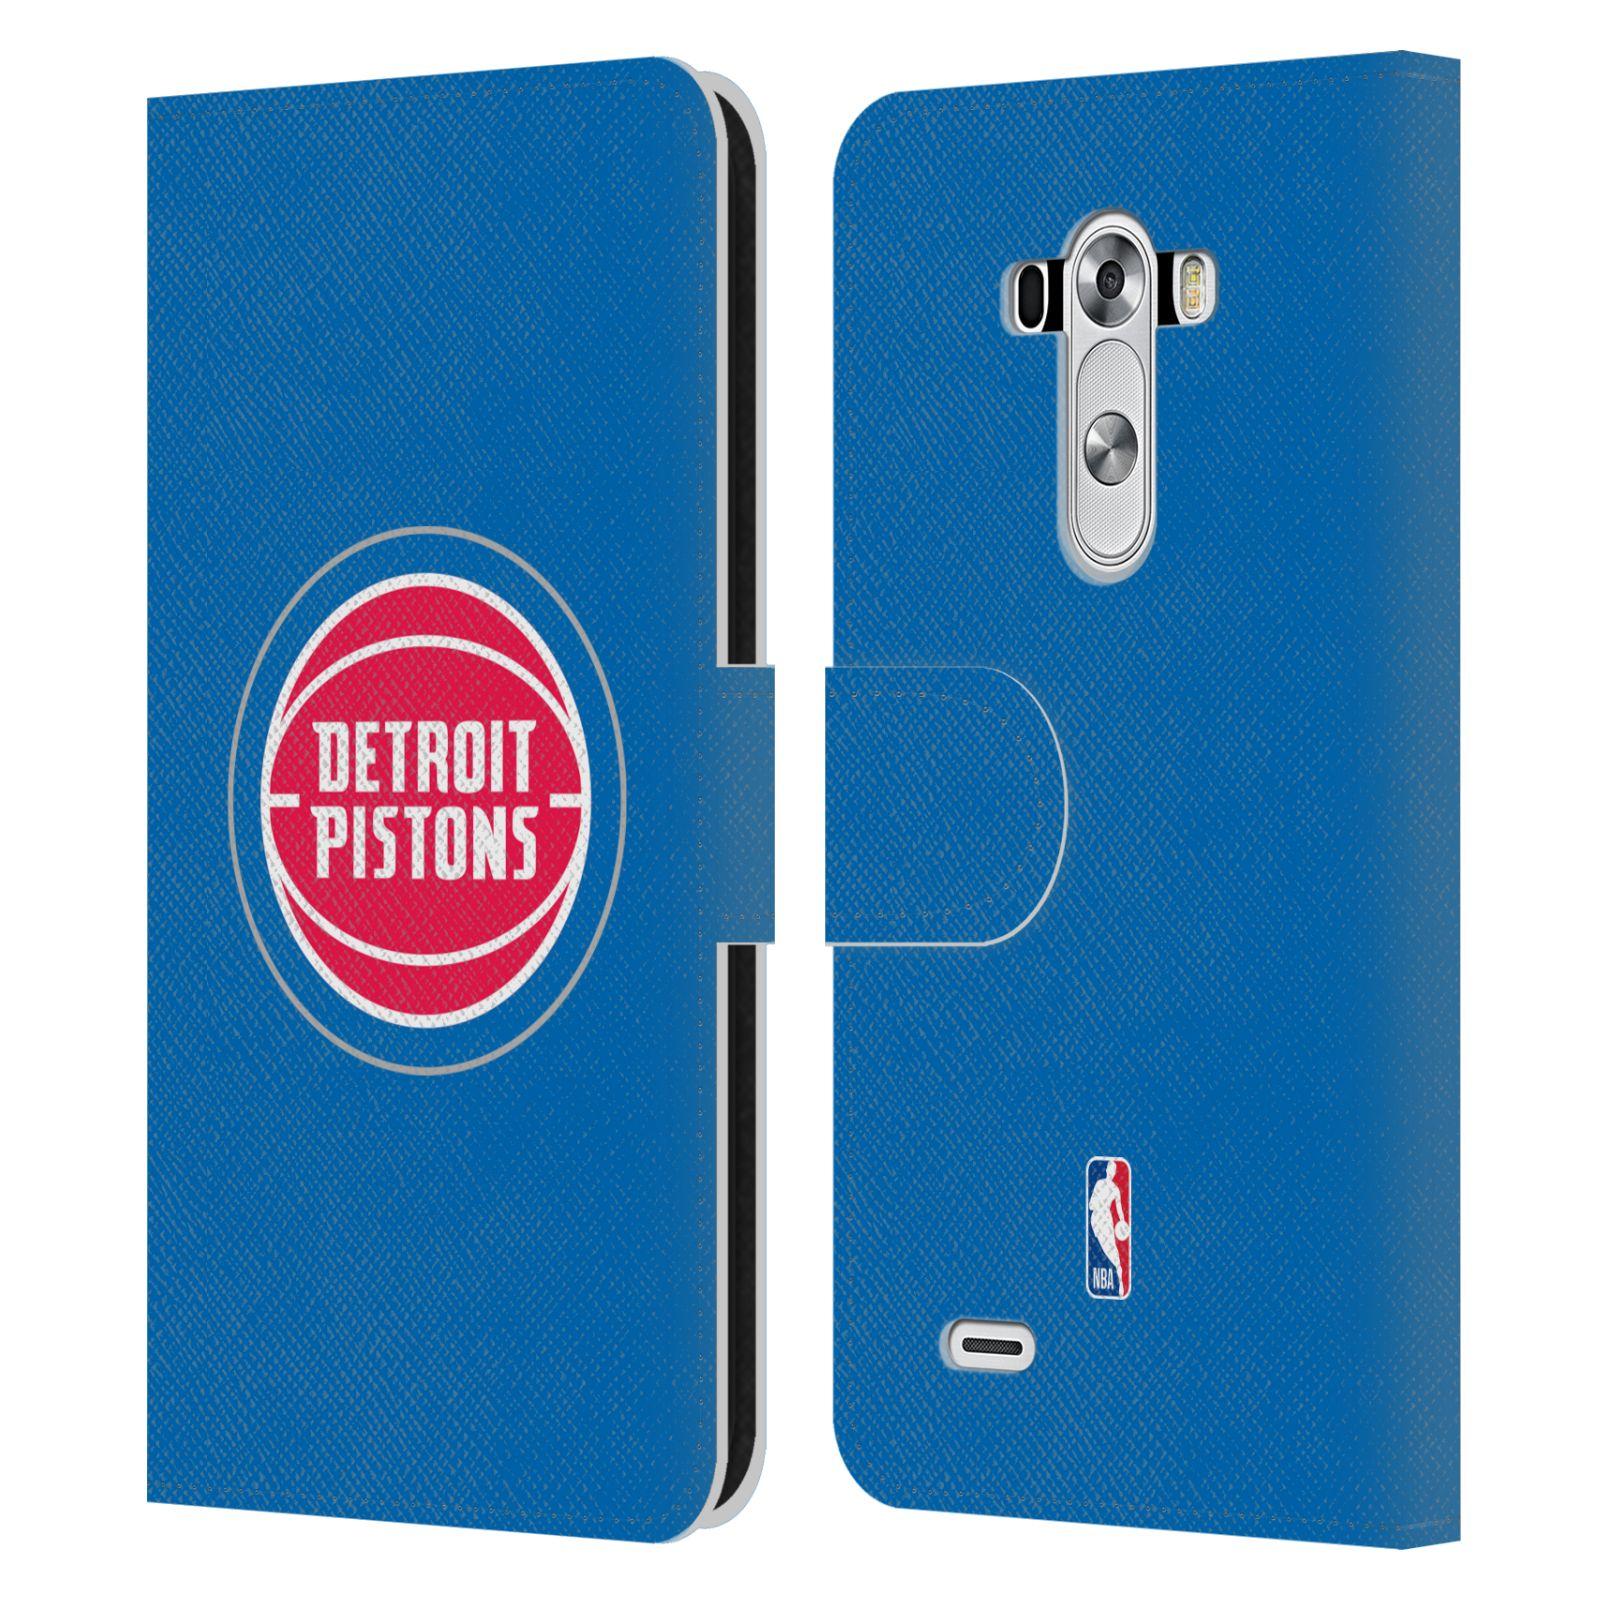 UFFICIALE-NBA-DETROIT-PISTONS-COVER-A-PORTAFOGLIO-IN-PELLE-PER-LG-TELEFONI-1